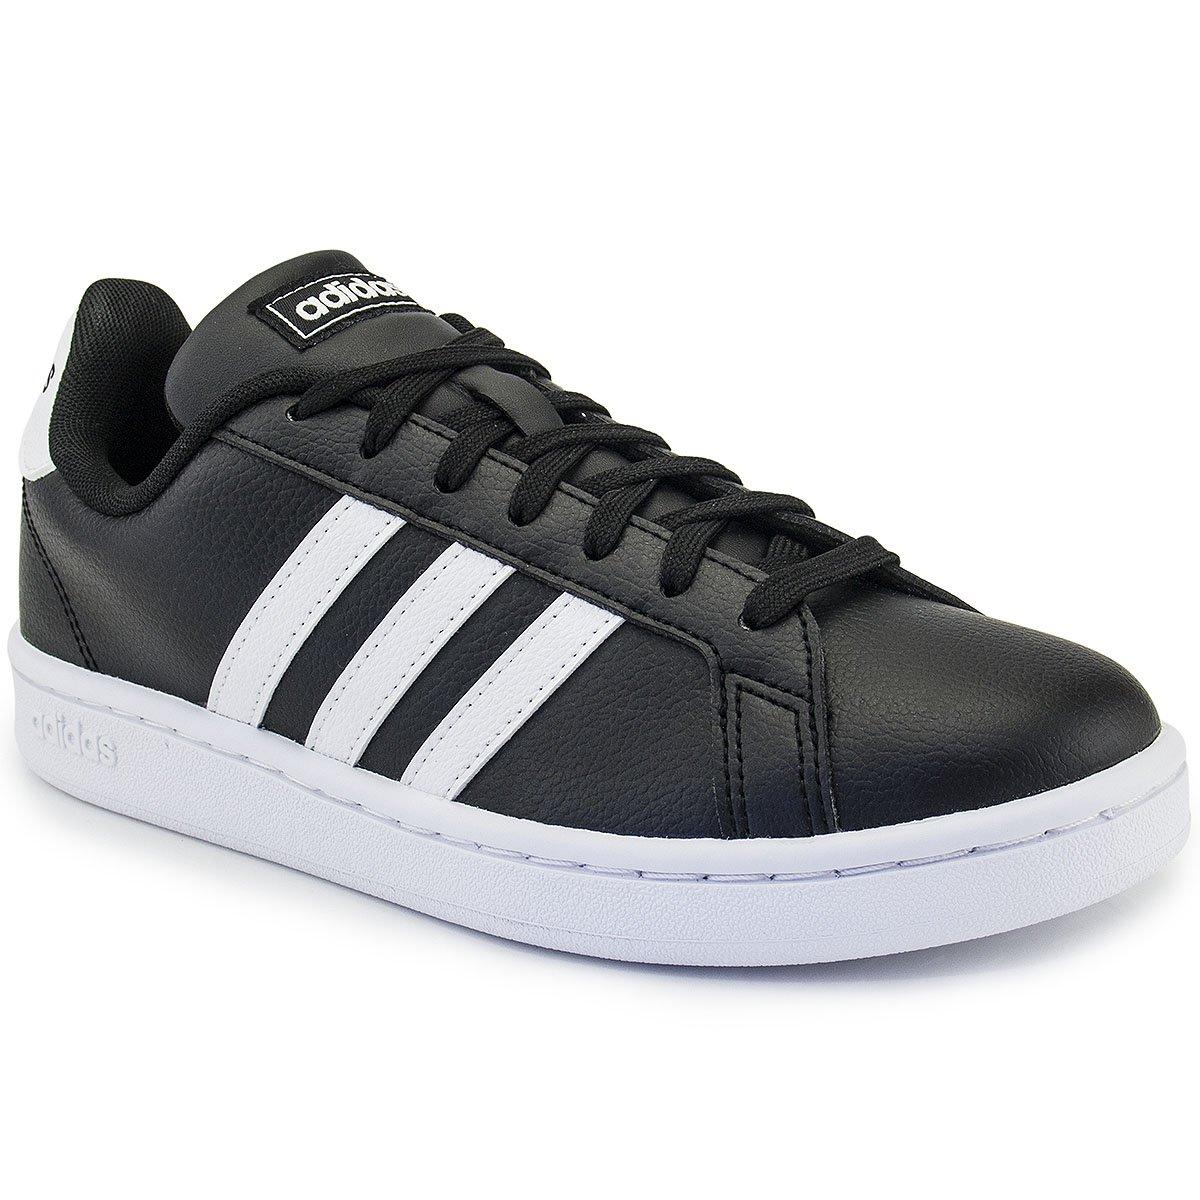 9e474750d5 Tênis Adidas Grand Court Feminino